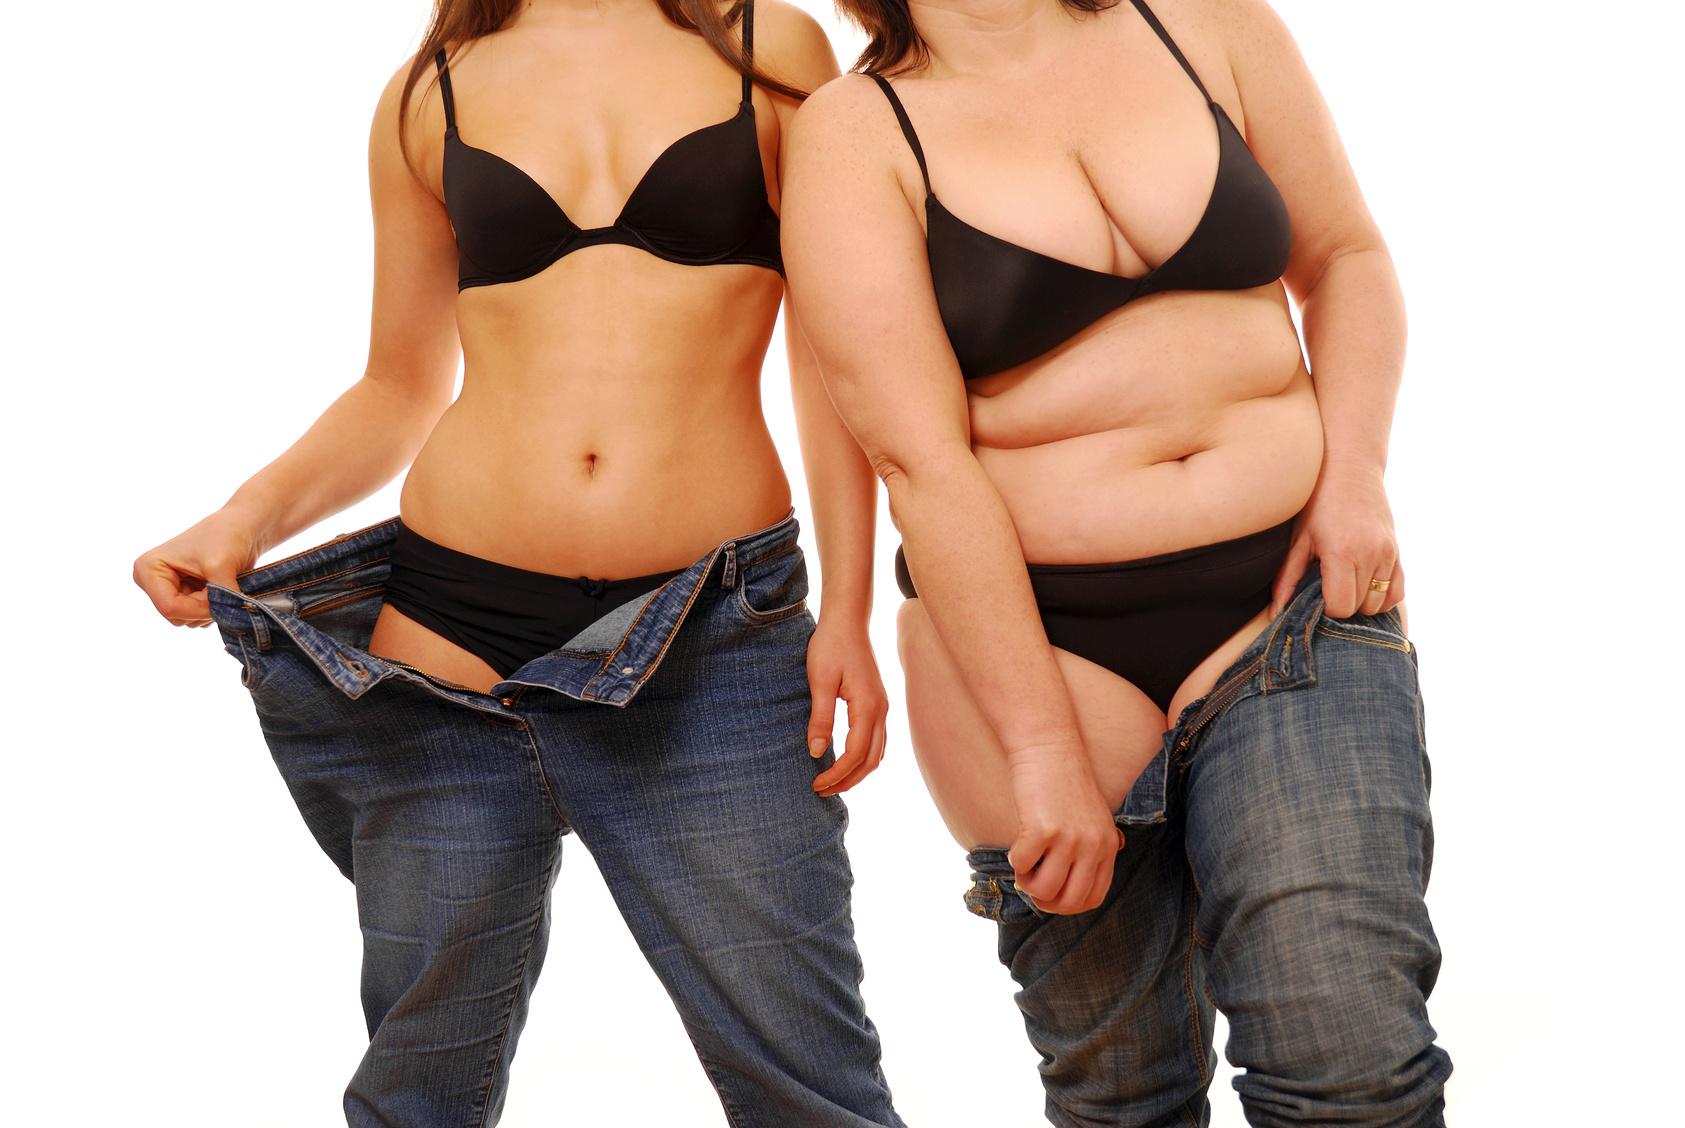 Как Лучше Немного Похудеть. 51 способ с чего начать похудение прямо сейчас